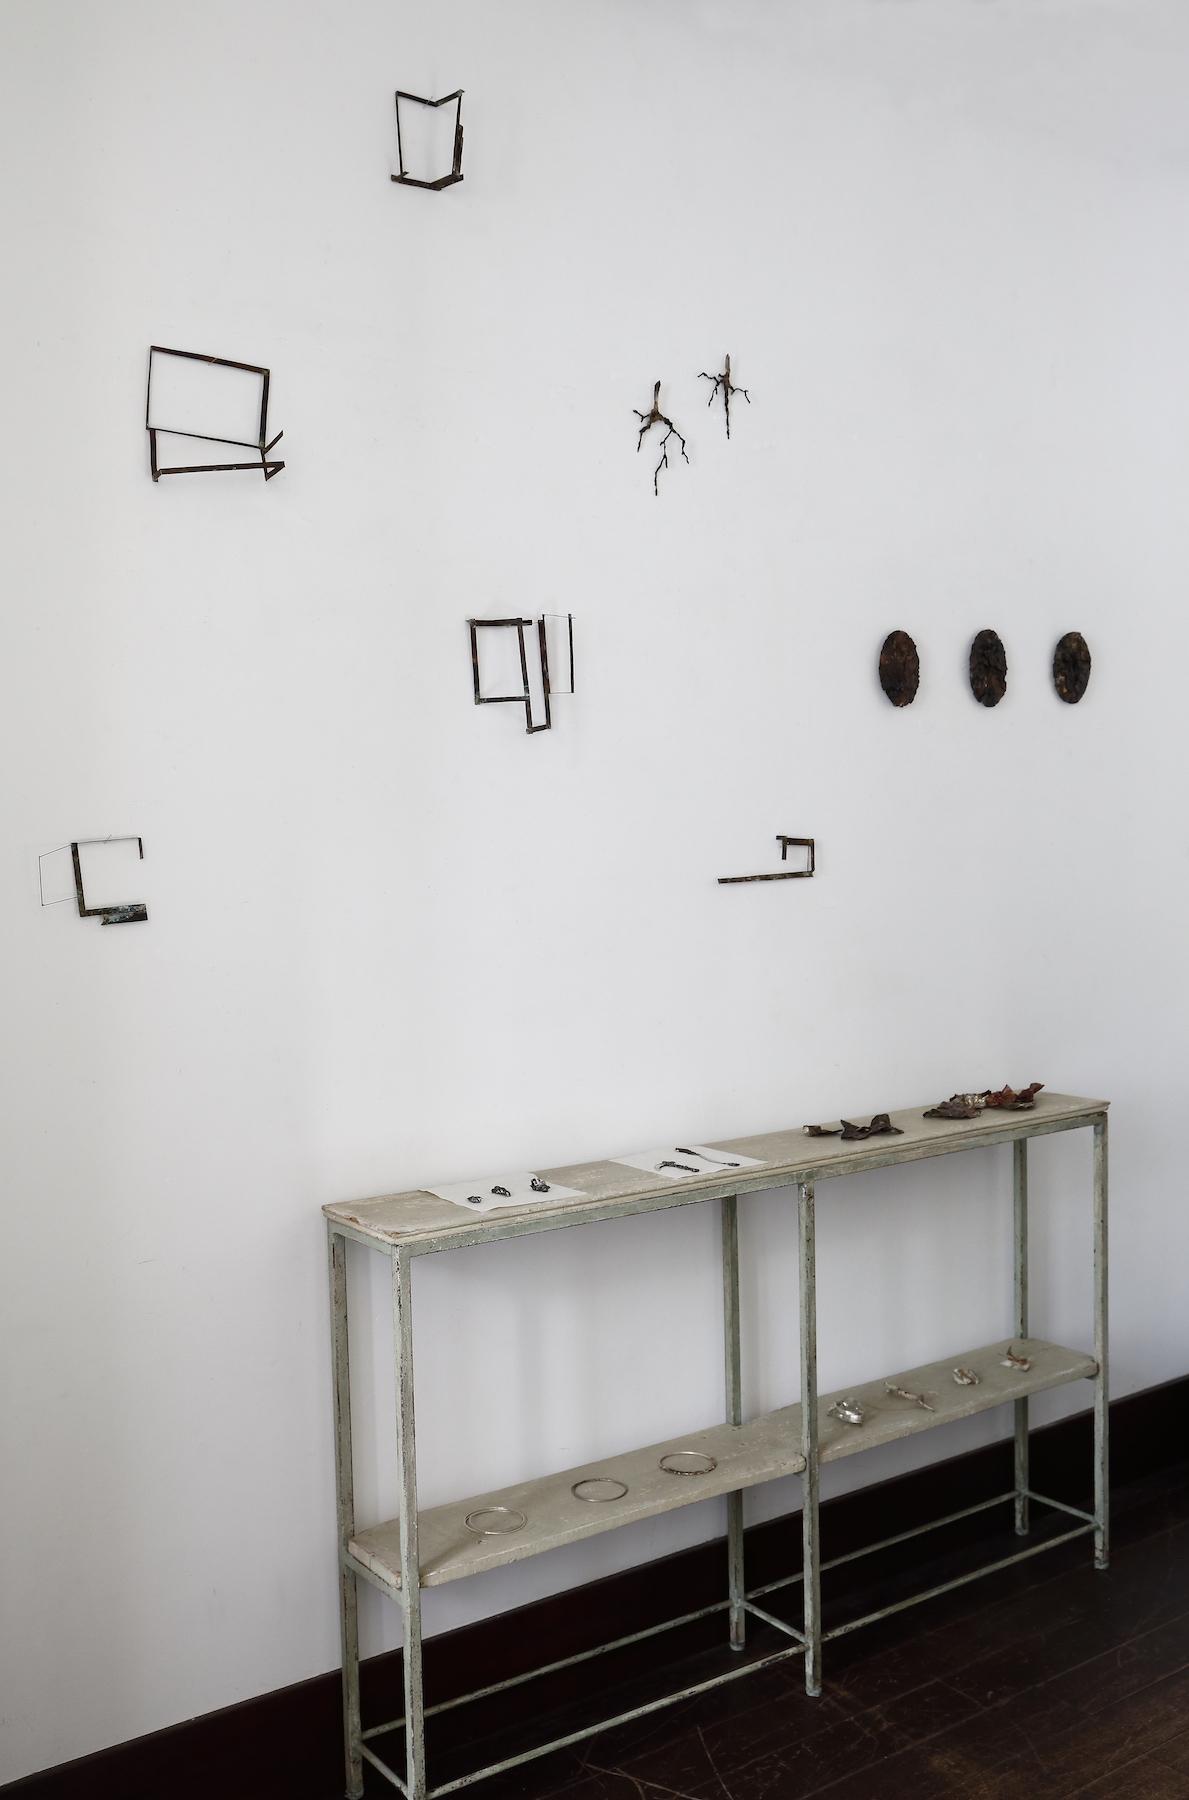 http://gallery-su.jp/exhibitions/%E4%BC%8A%E8%97%A4%E6%95%A6%E5%AD%90%E5%B1%953.JPG